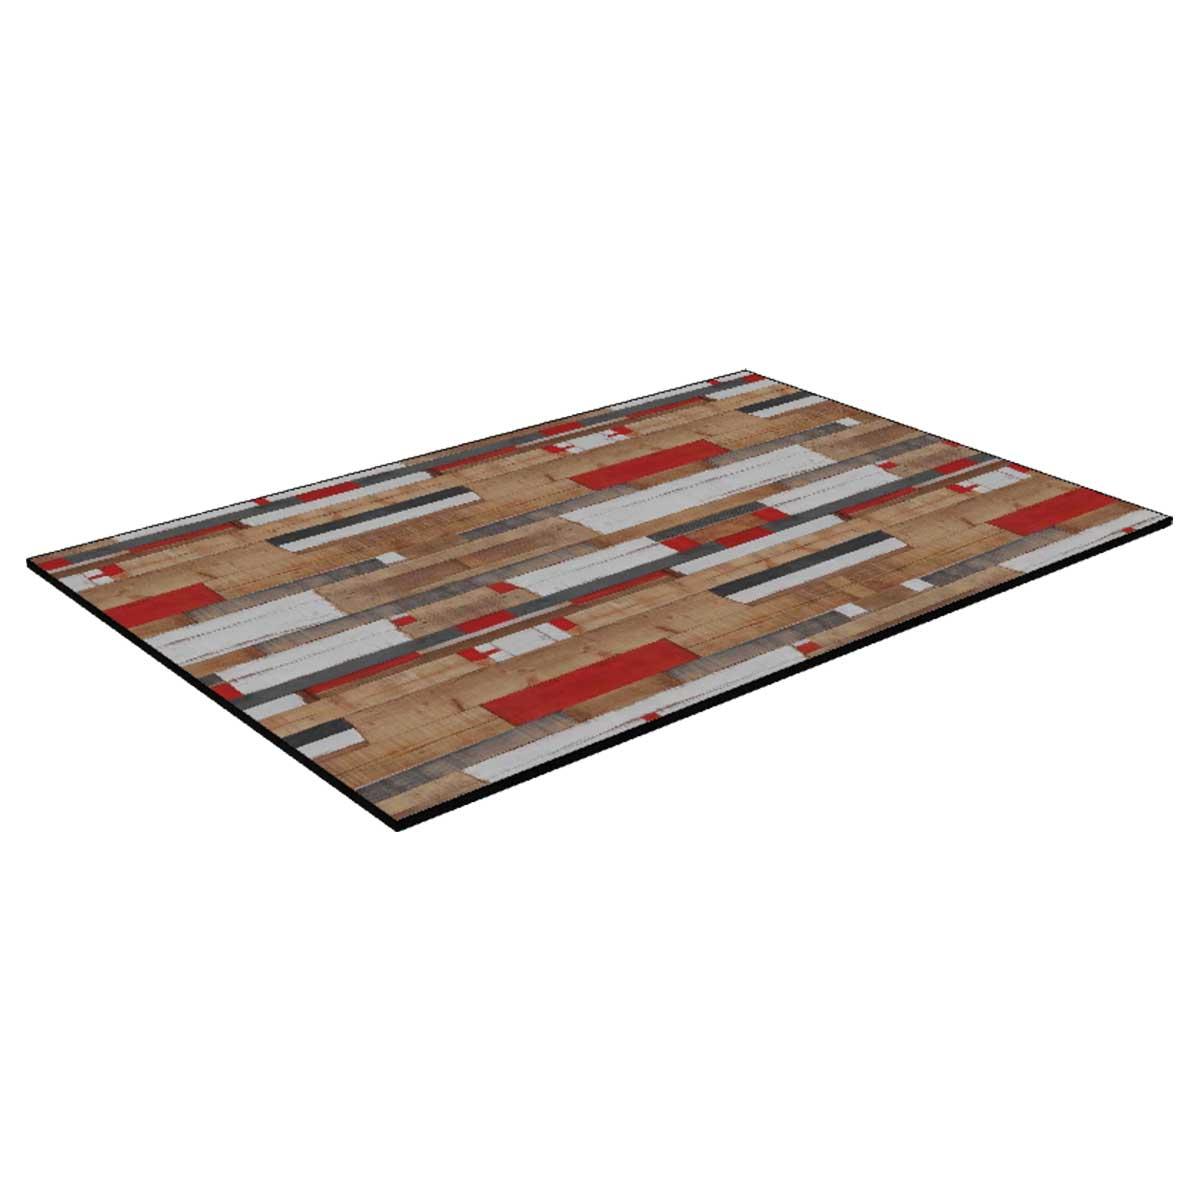 TICAR E120X80 271 - https://www.werzalit.com/fr/produit/plateau-de-table-carino-e-100x60-epaisseur-du-plateau-de-la-table-12mm-decor-271-kbana-rot/